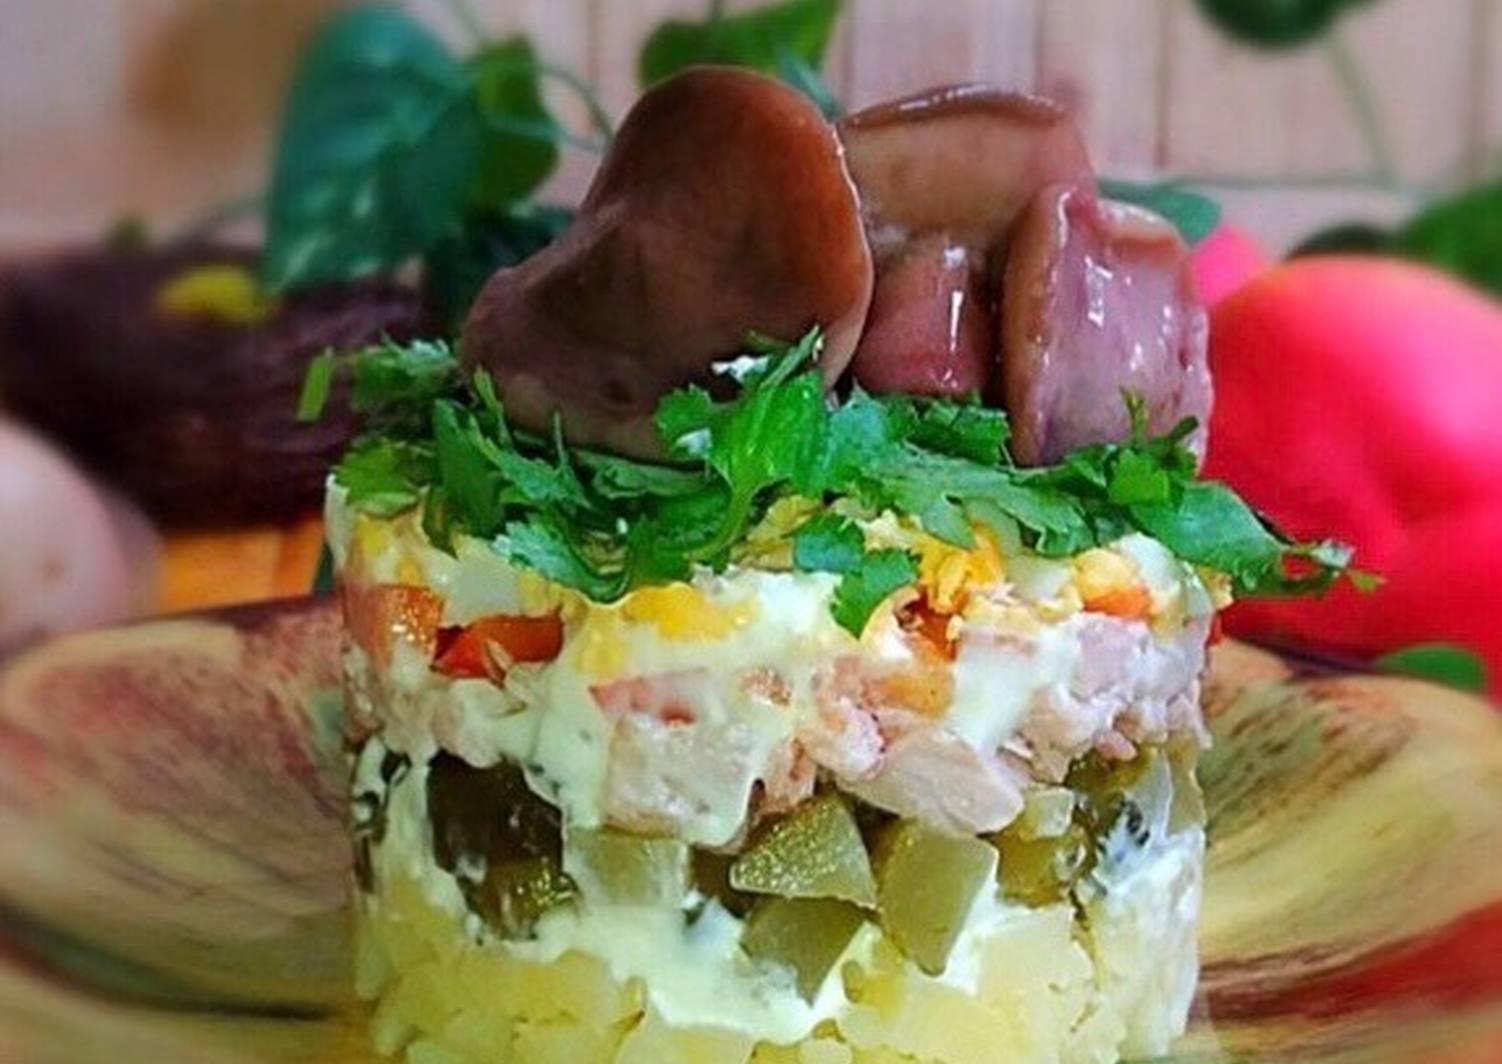 бастилия, где рецепт смачного салату фото кроме спален